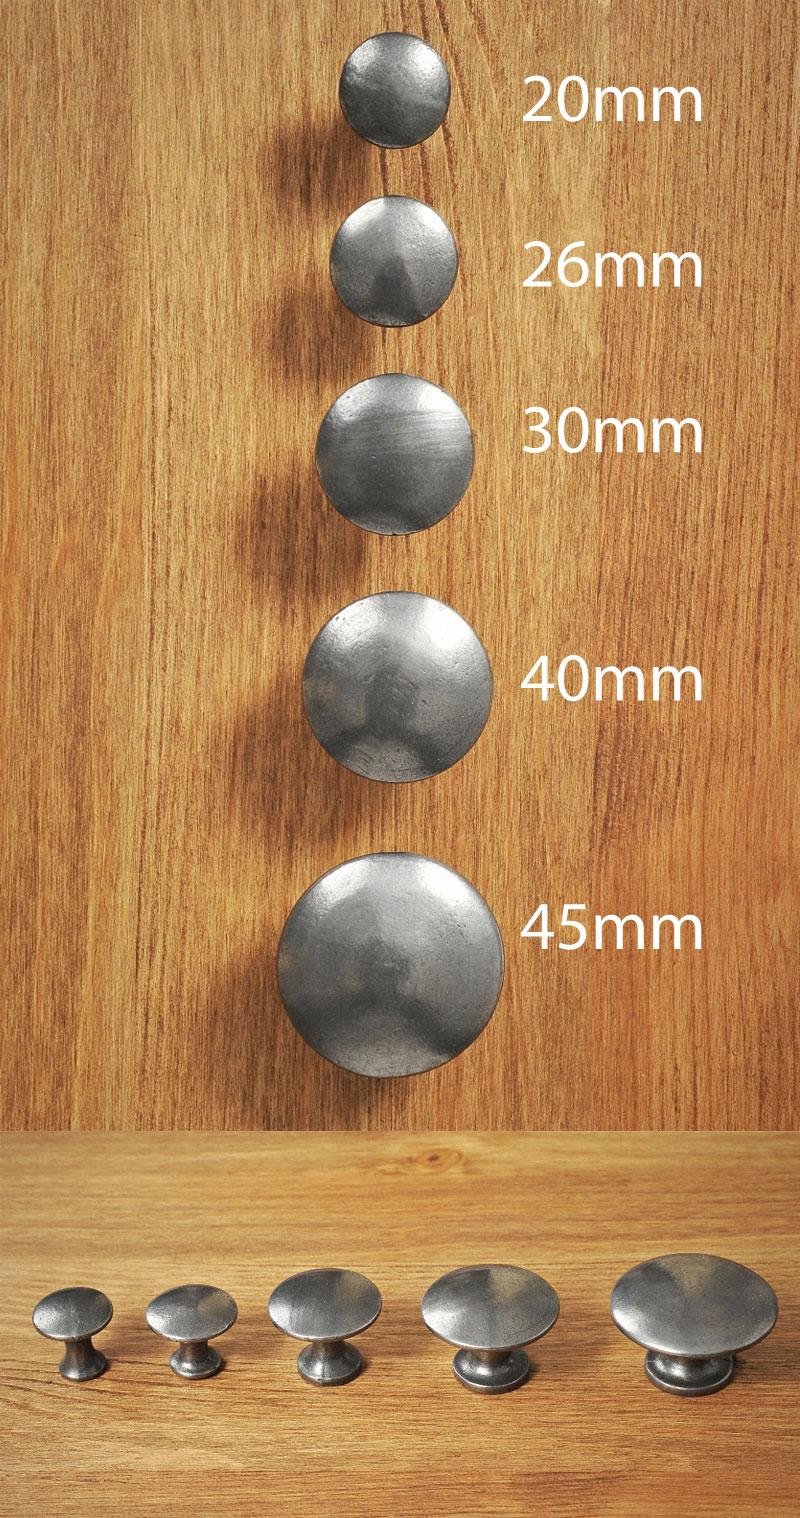 cabinets door knobs photo - 11